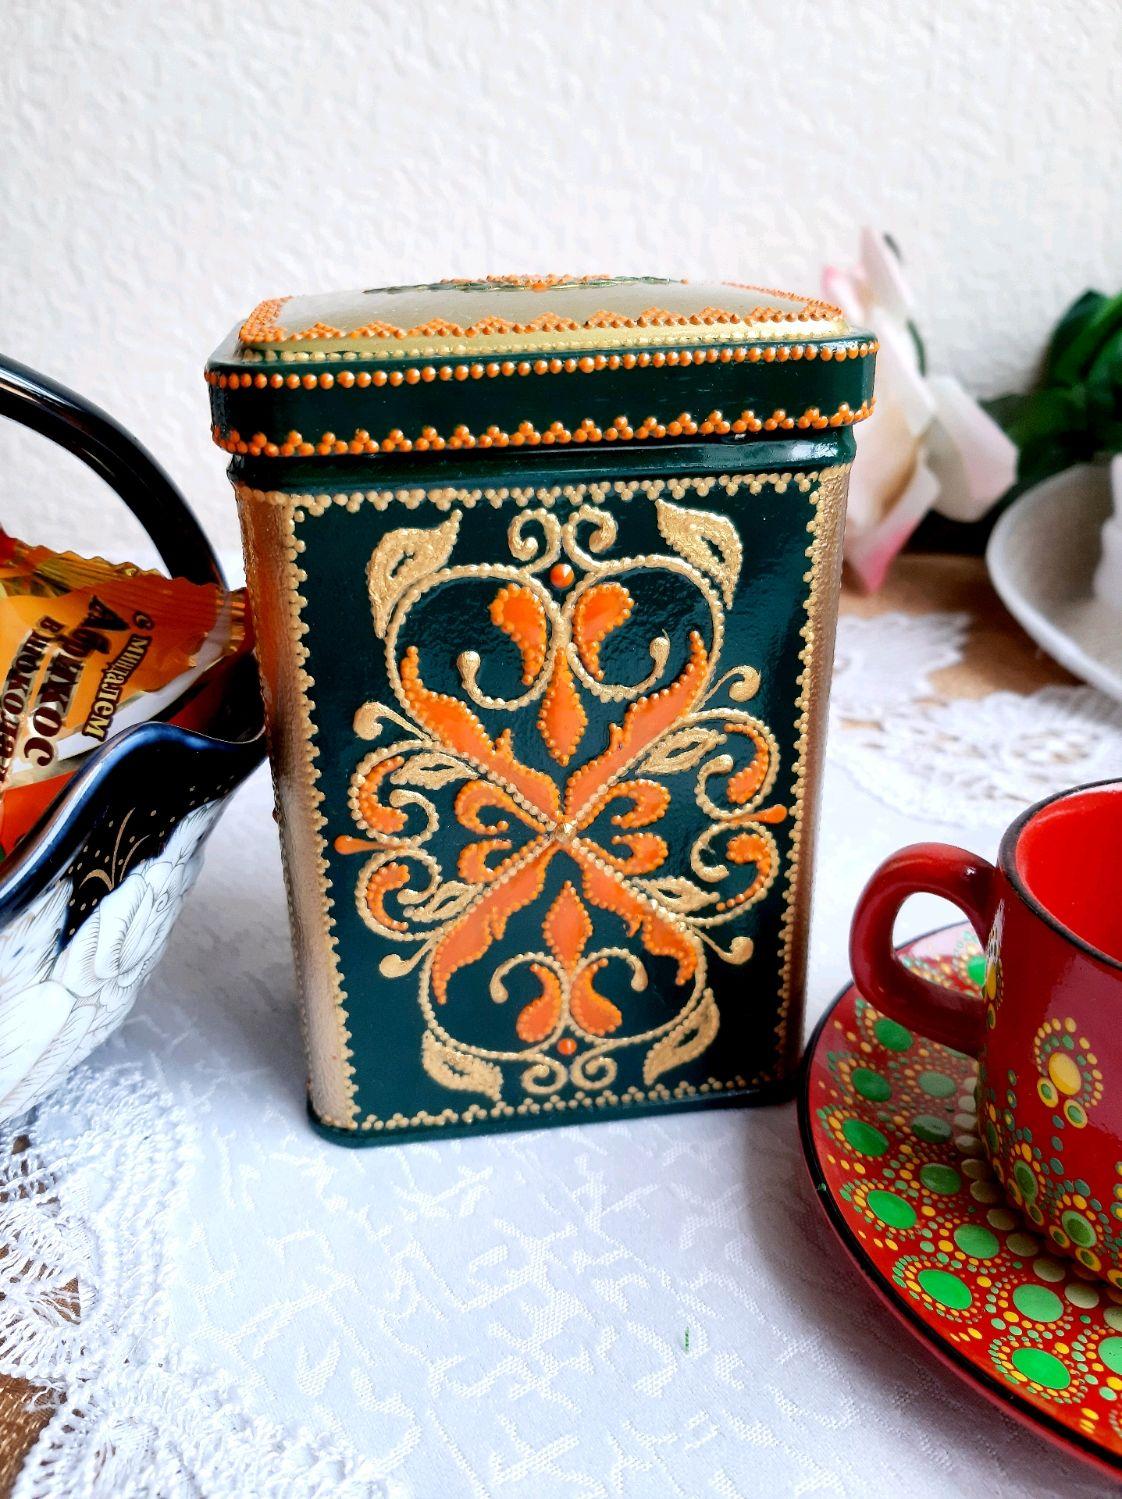 Баночка металлическая для хранения чая ВАЛЕНСИЯ, Банки, Волгодонск,  Фото №1